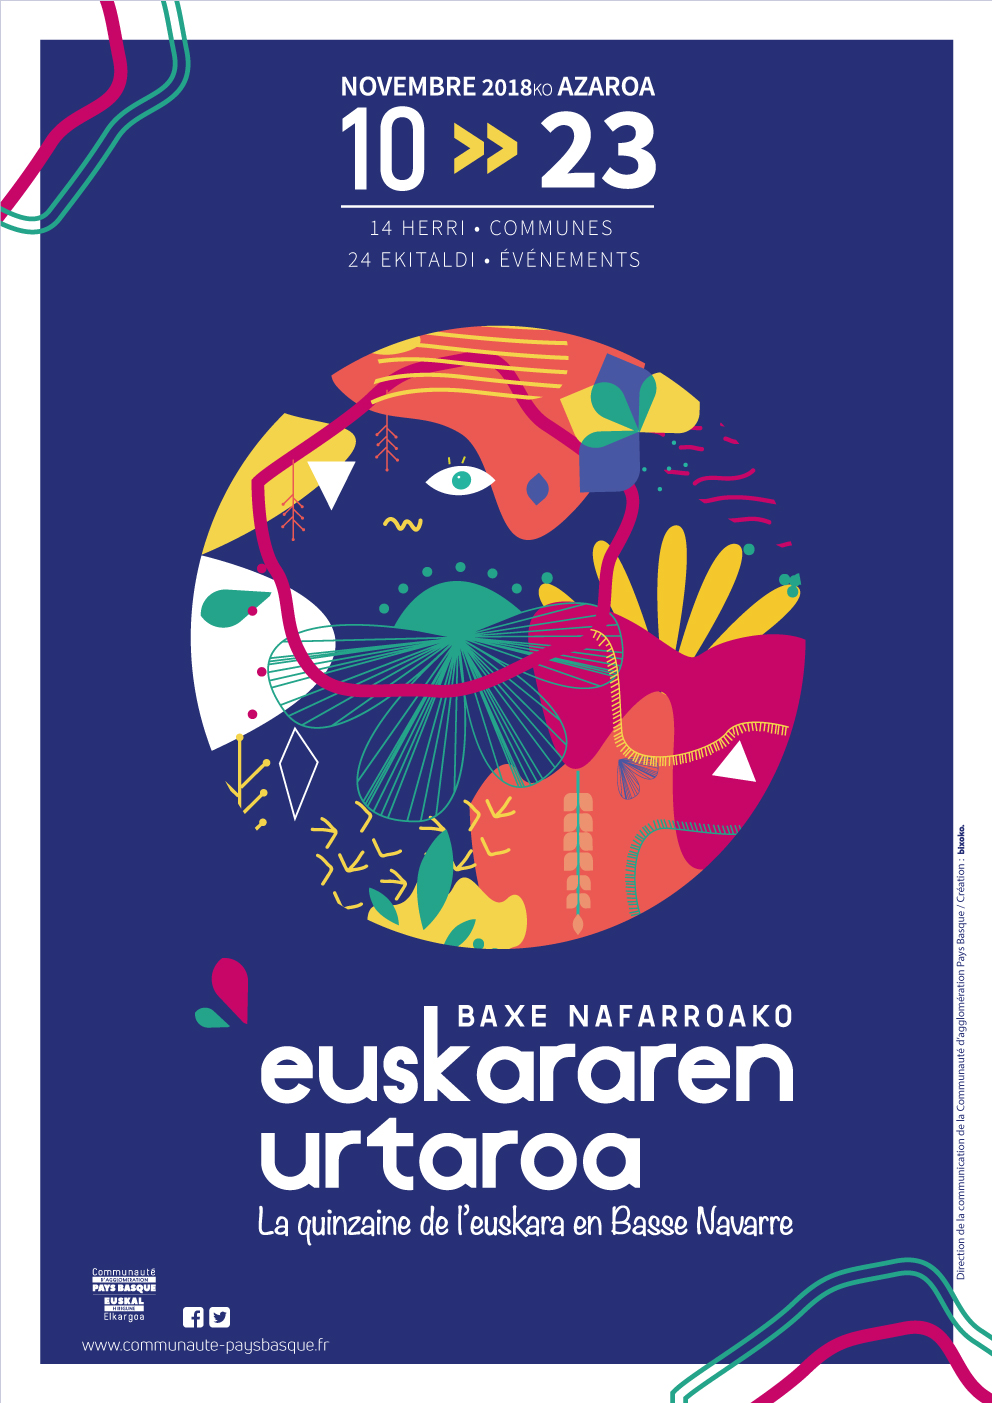 EUSKARAREN-URTAROA-2018